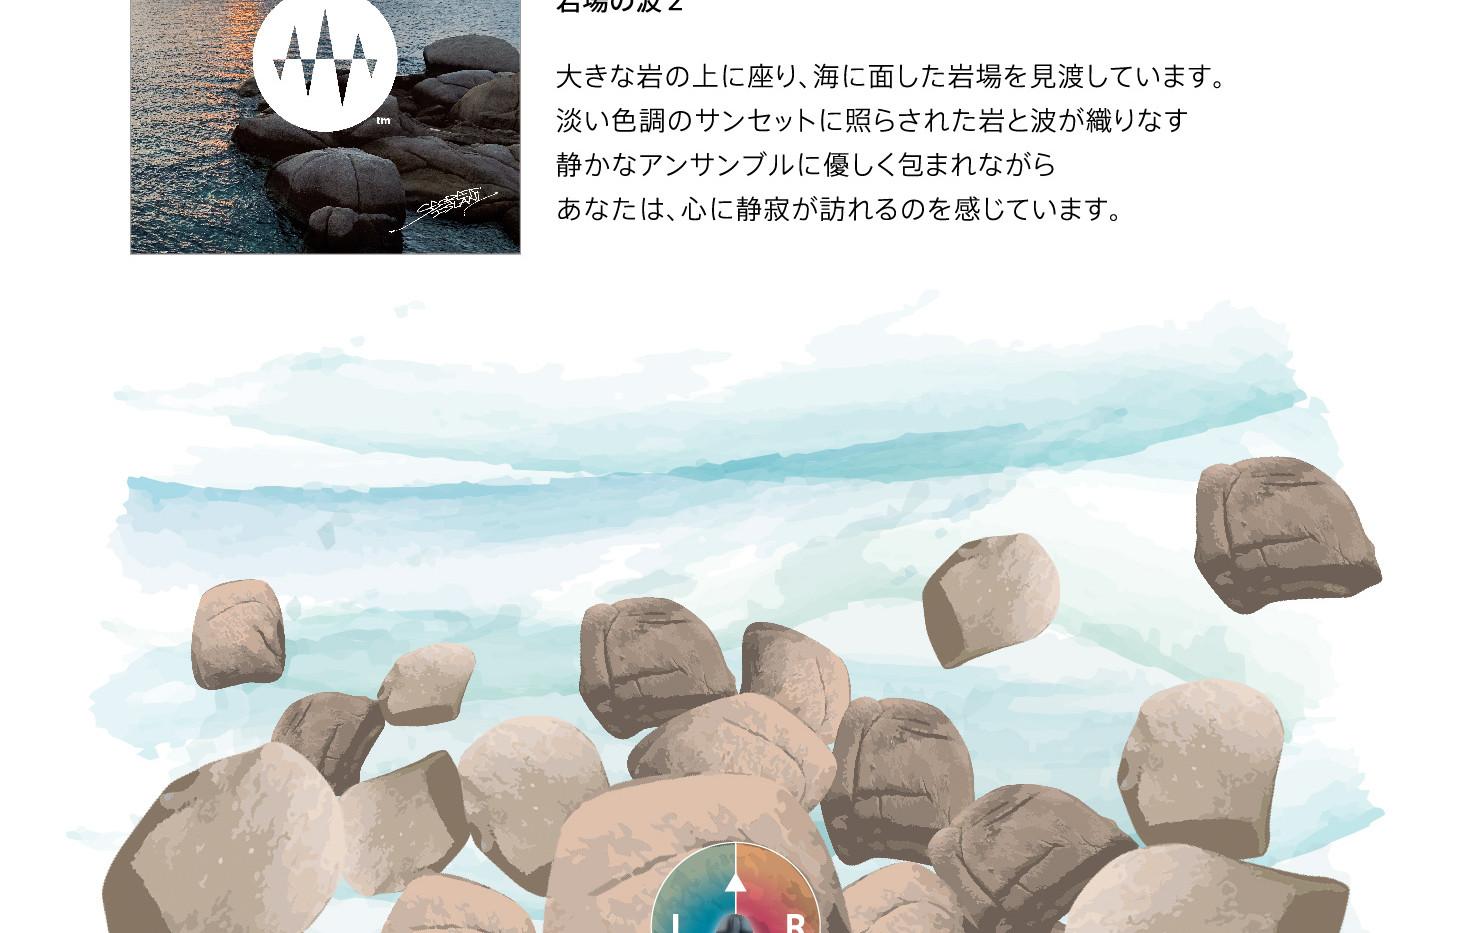 Sunset Side 07.Silent Rock Wave 2 岩場の波2「